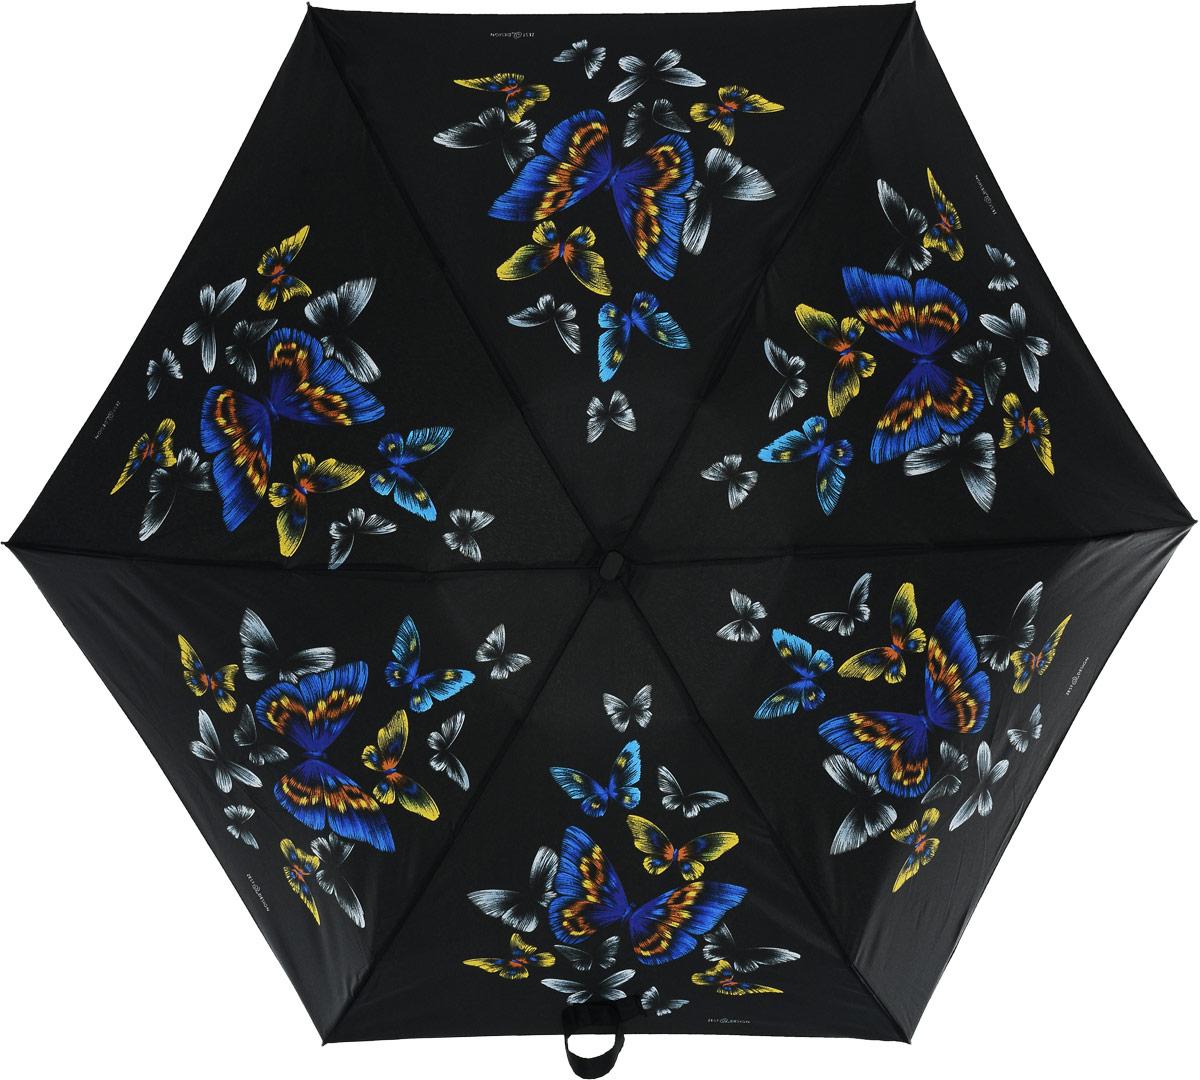 Зонт женский Zest, механический, 5 сложений, цвет: черный, синий, желтый. белый. 25516-155Серьги с подвескамиНевероятно компактный и легкий зонт Zest имеет 5 сложений. Модель зонта складывается и раскладывается механически. Удобная ручка выполнена из пластика с прорезиненным нанесением, приятна на ощупь. В сложенном состоянии зонт занимает очень мало места, и его удобно будет носить с собой даже в маленькой сумочке. К зонту прилагается чехол.